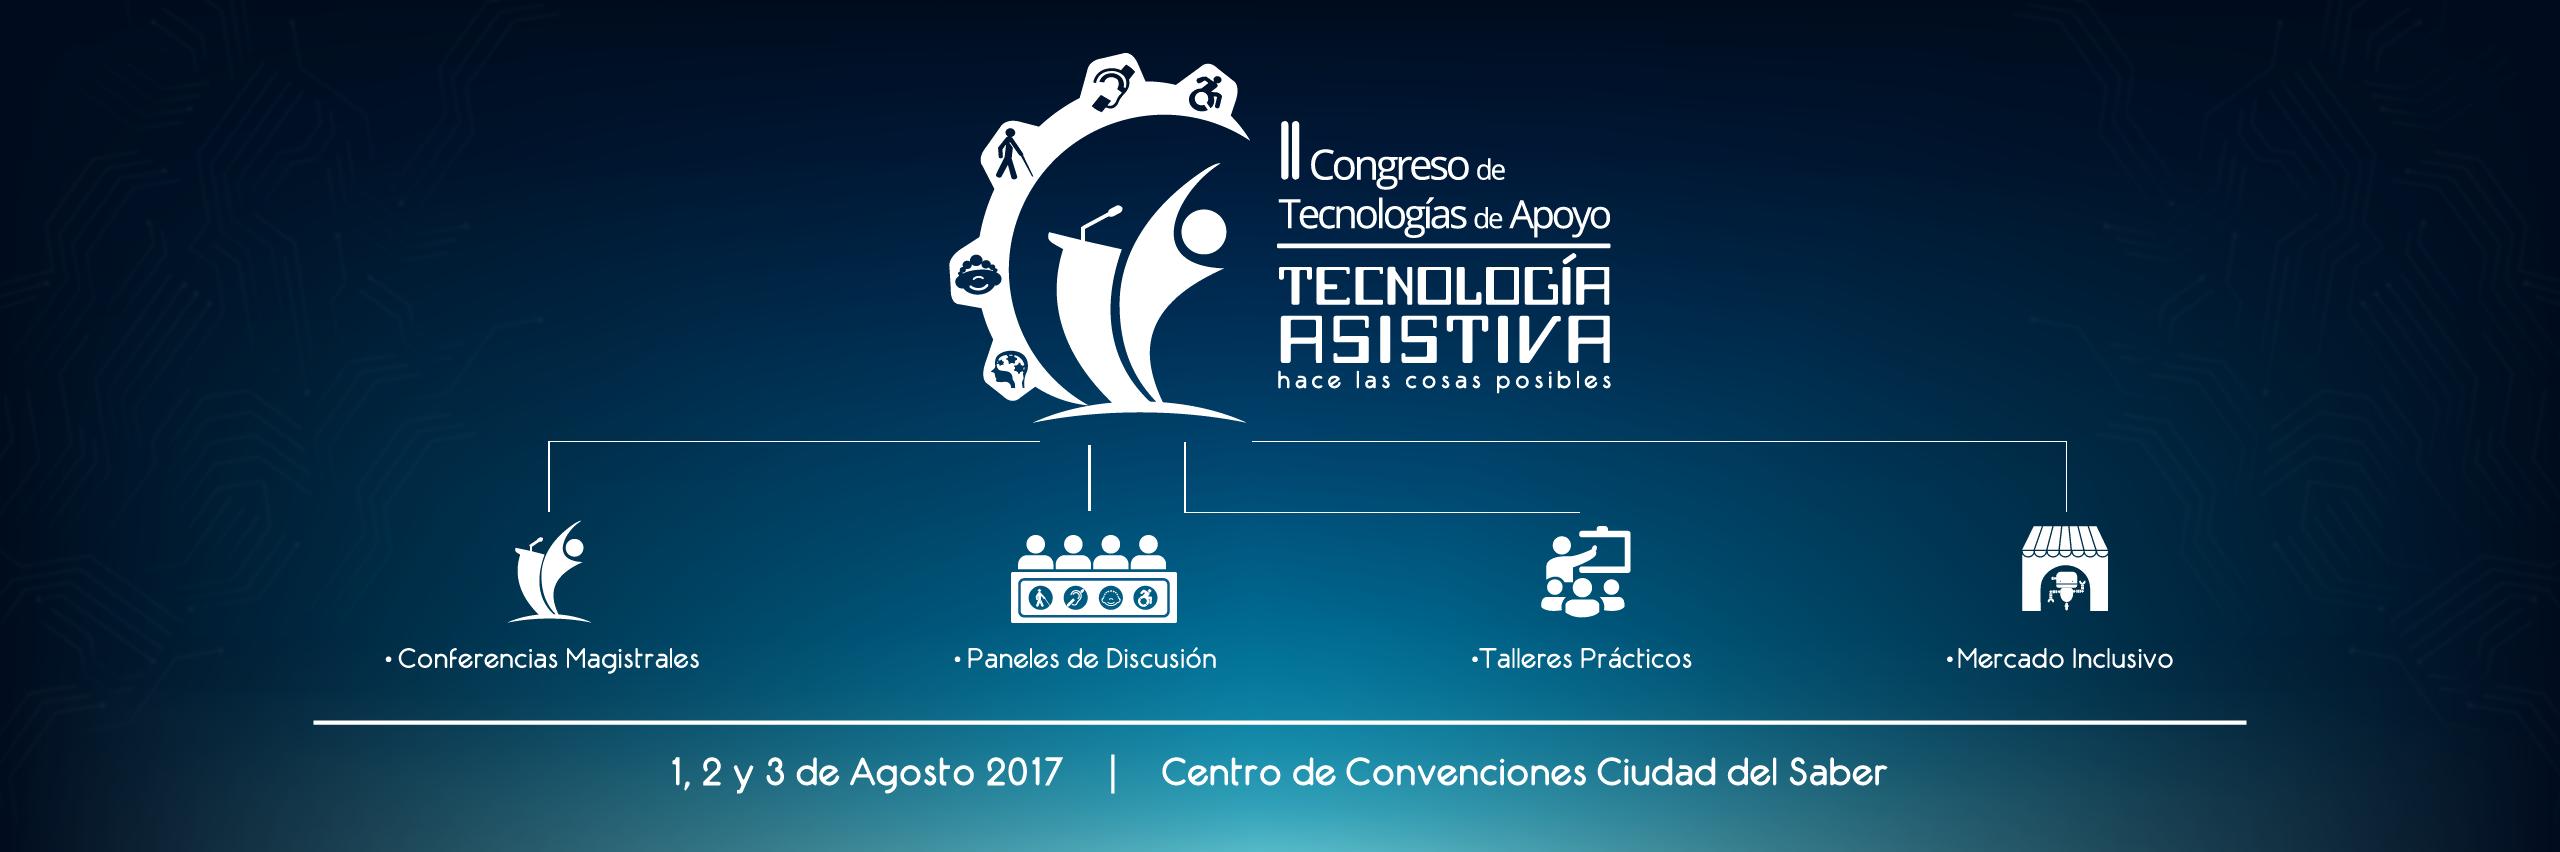 II Congreso de Tecnologías de Apoyo